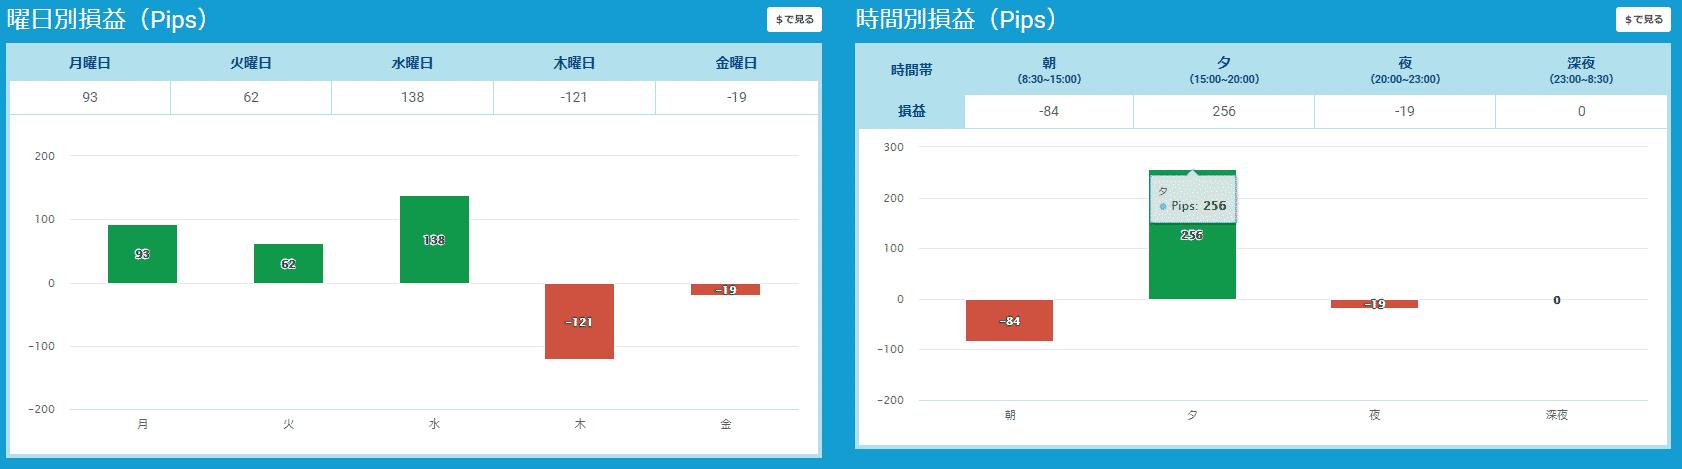 プロップトレーダーチャートMasahiro2